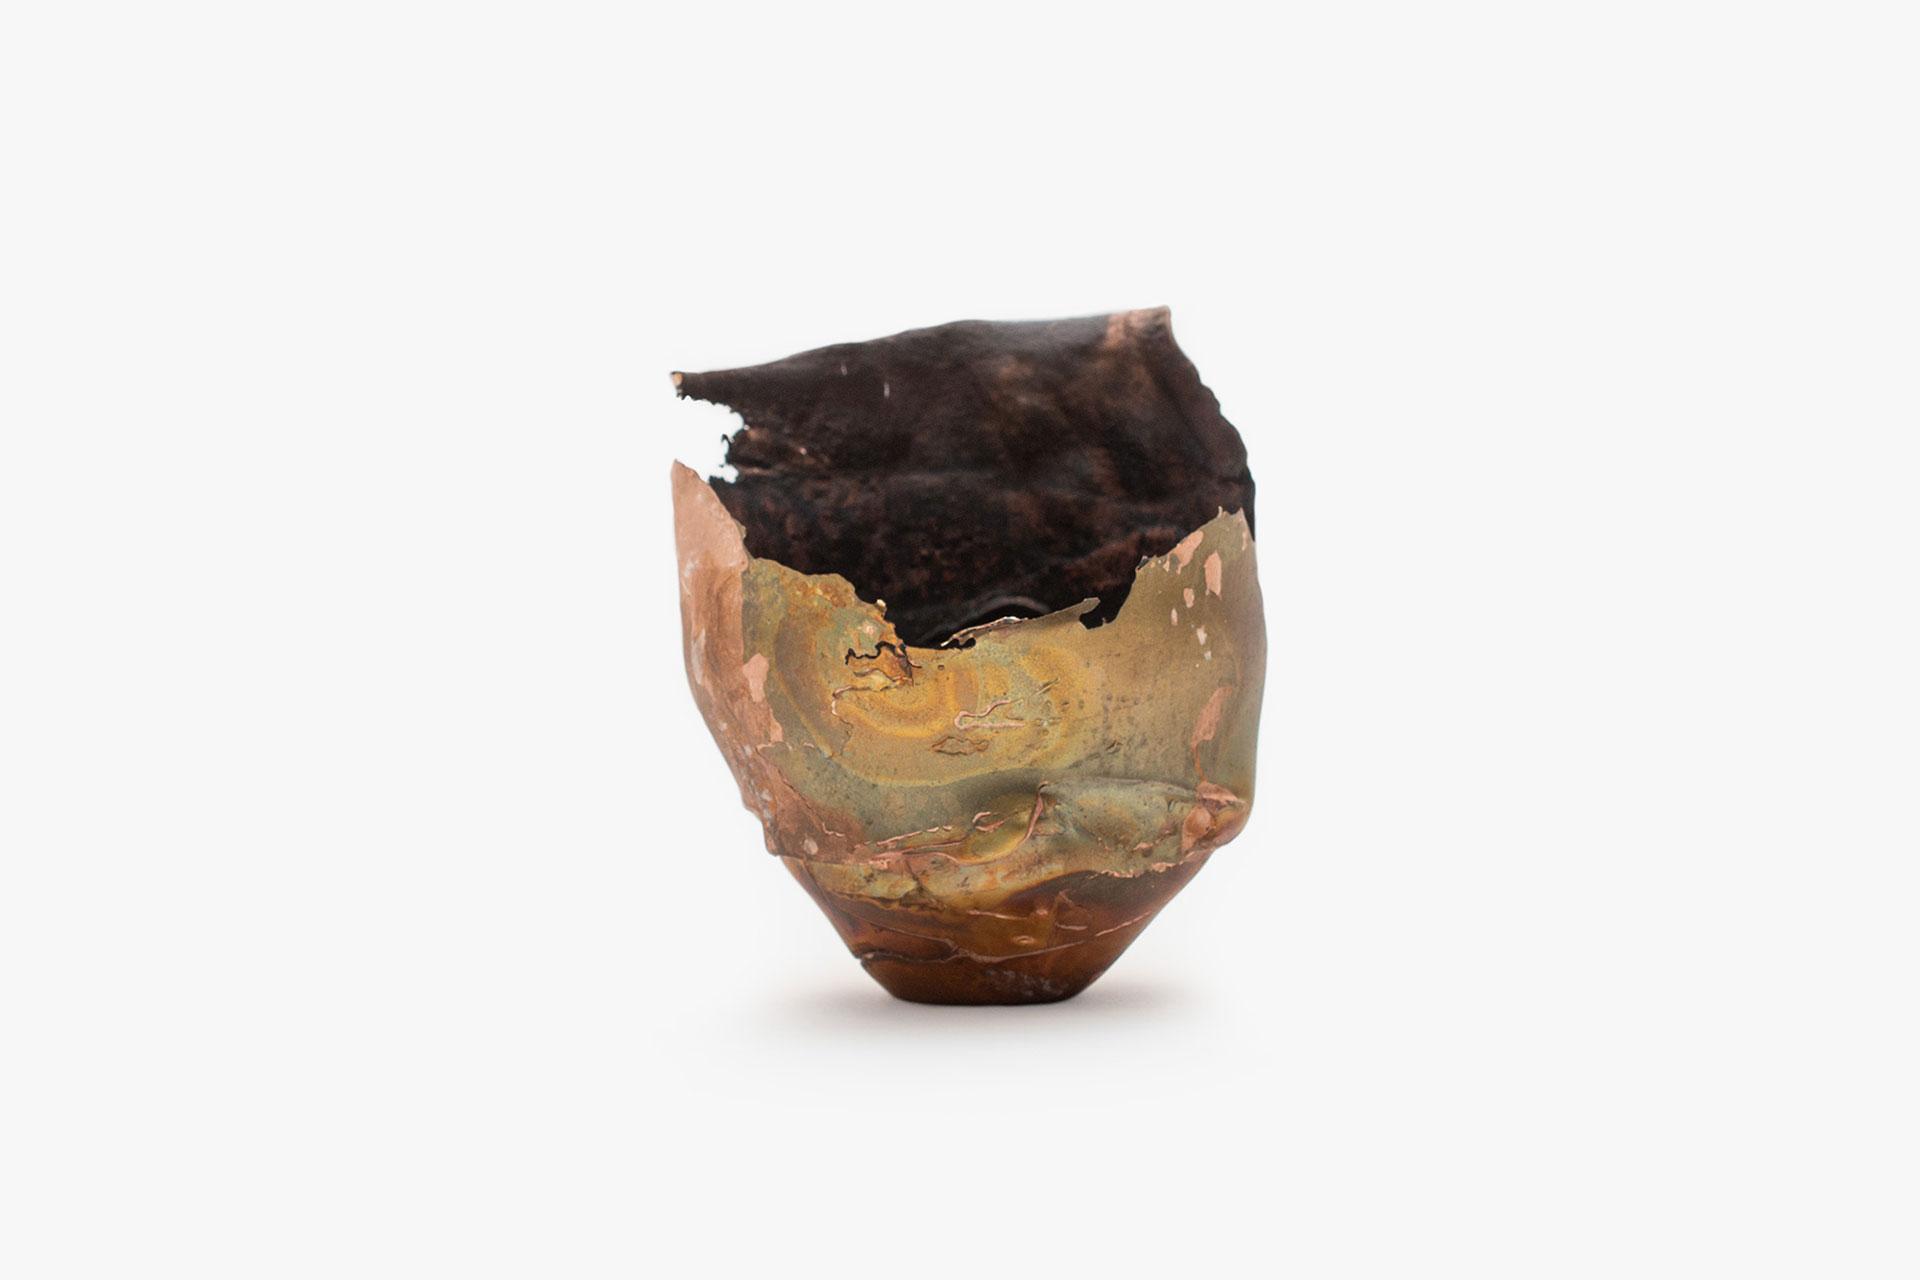 Omer Arbel, OAO113.2020.11, 2020. 10.2 x 10.2 x 9 cm. Copper alloy cast in glass. Courtesy Carwan gallery.